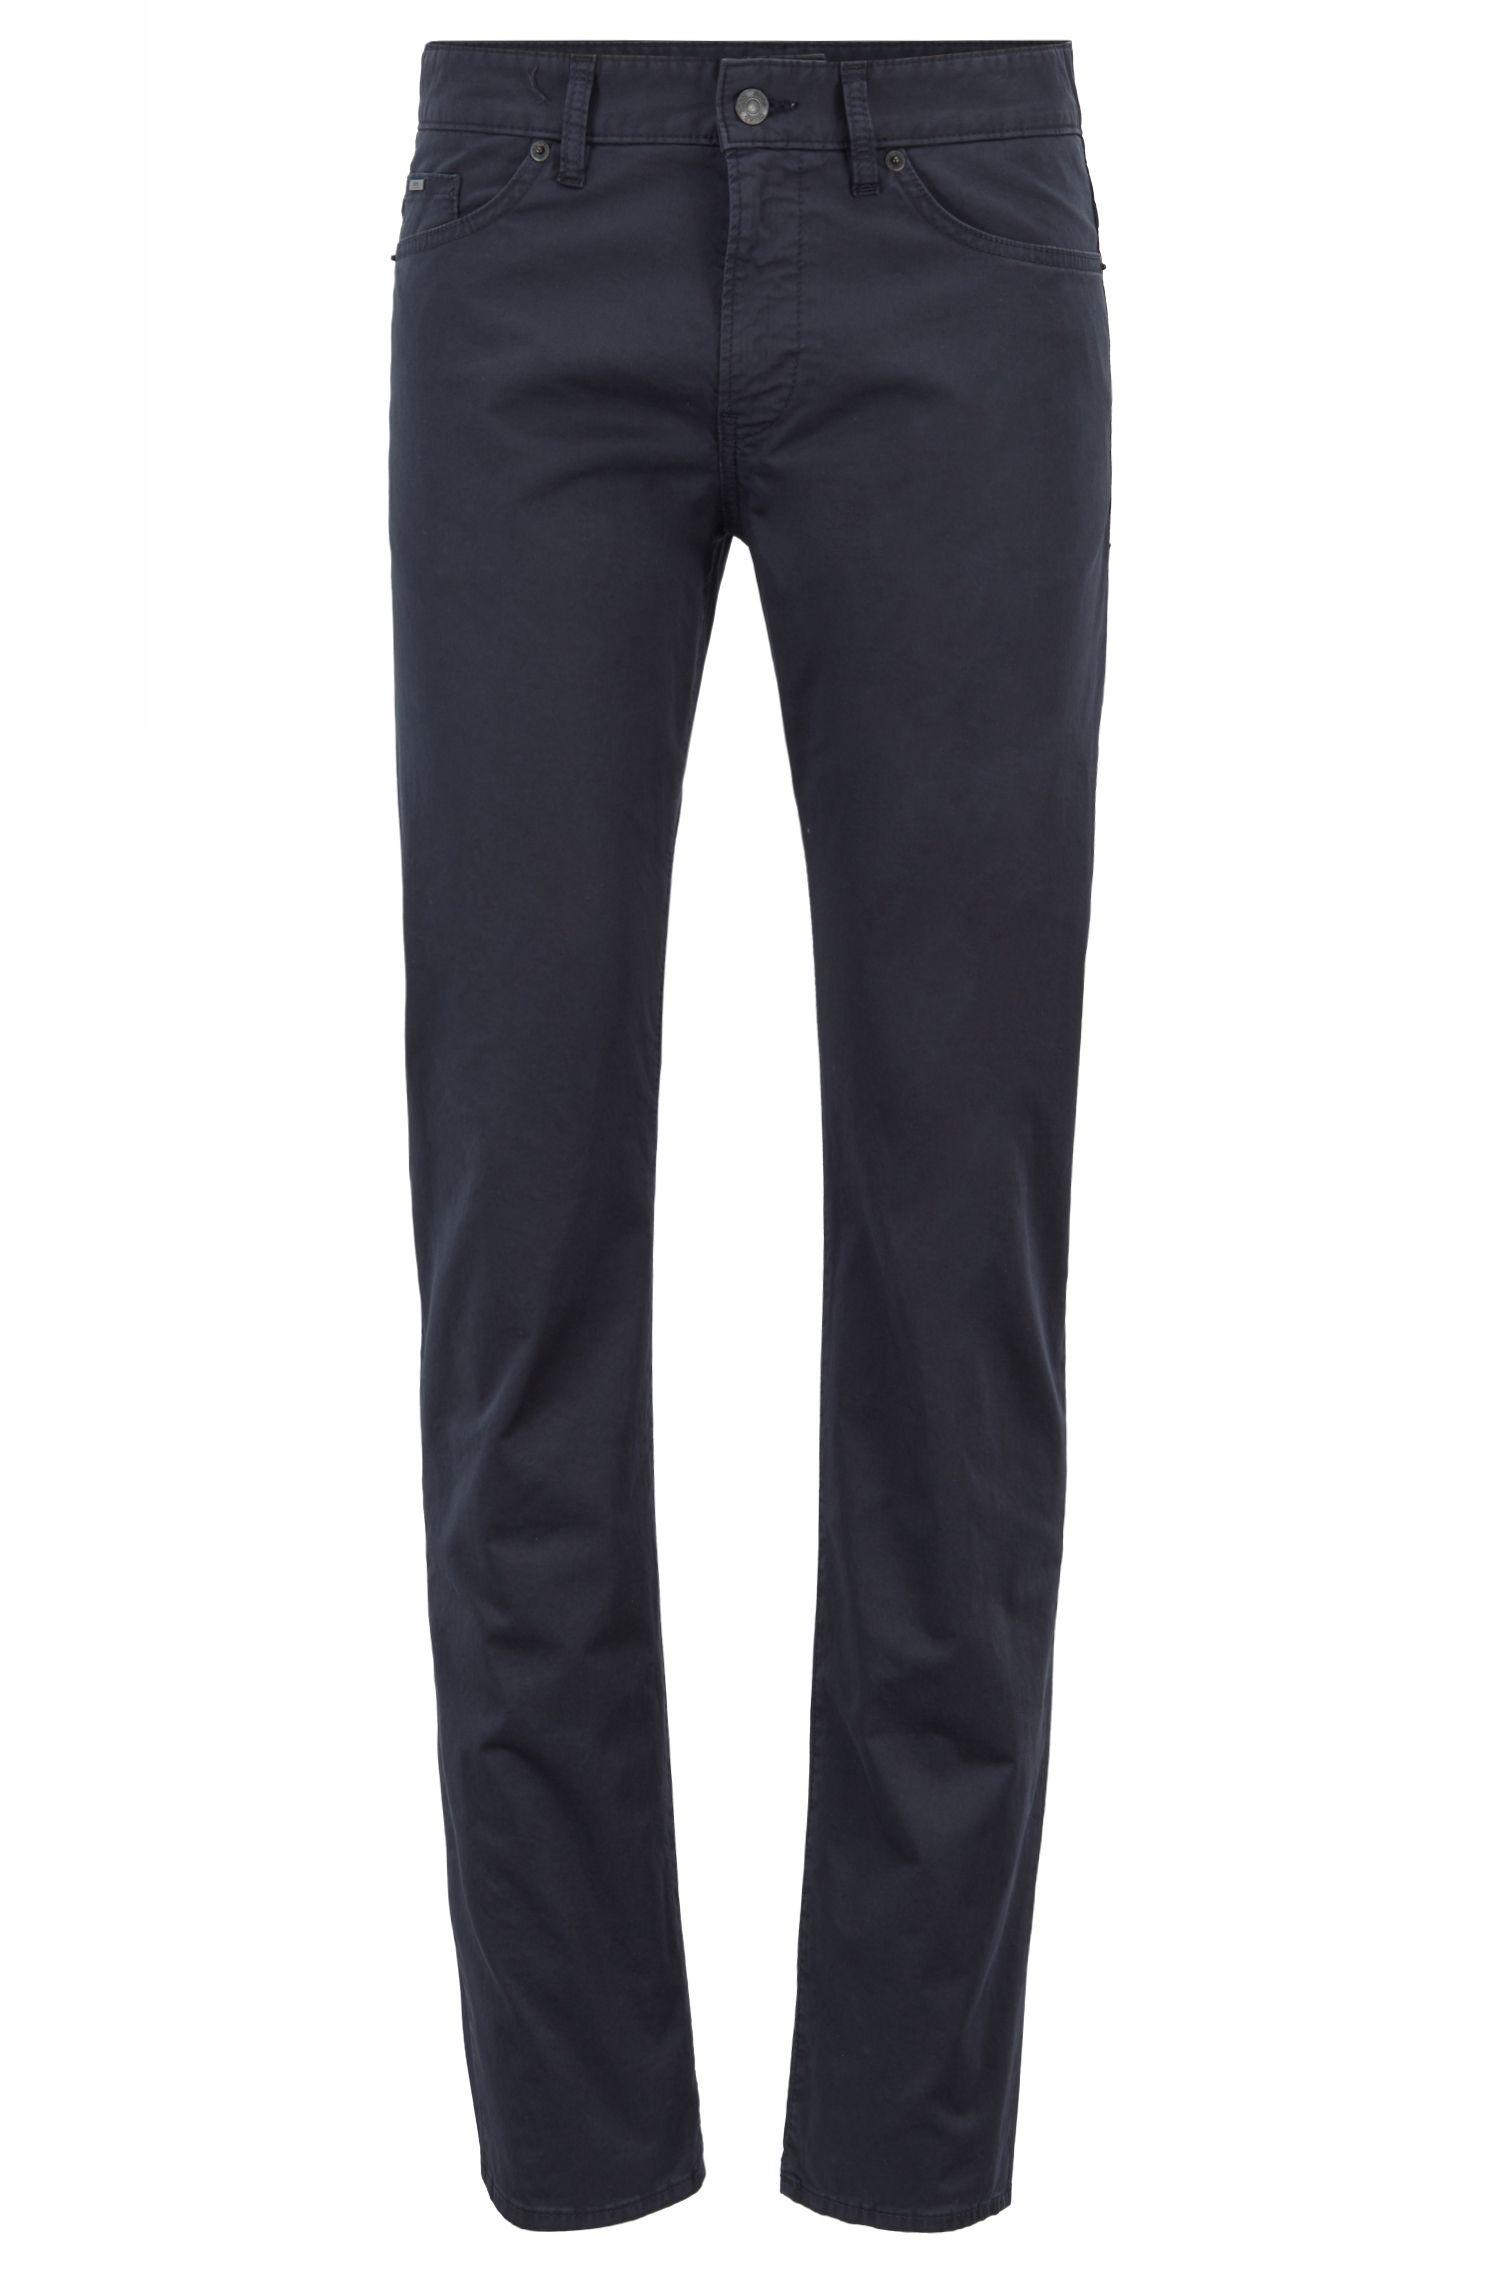 Slim-Fit Jeans aus Denim in Satin-Optik mit BCI-Baumwolle, Dunkelblau